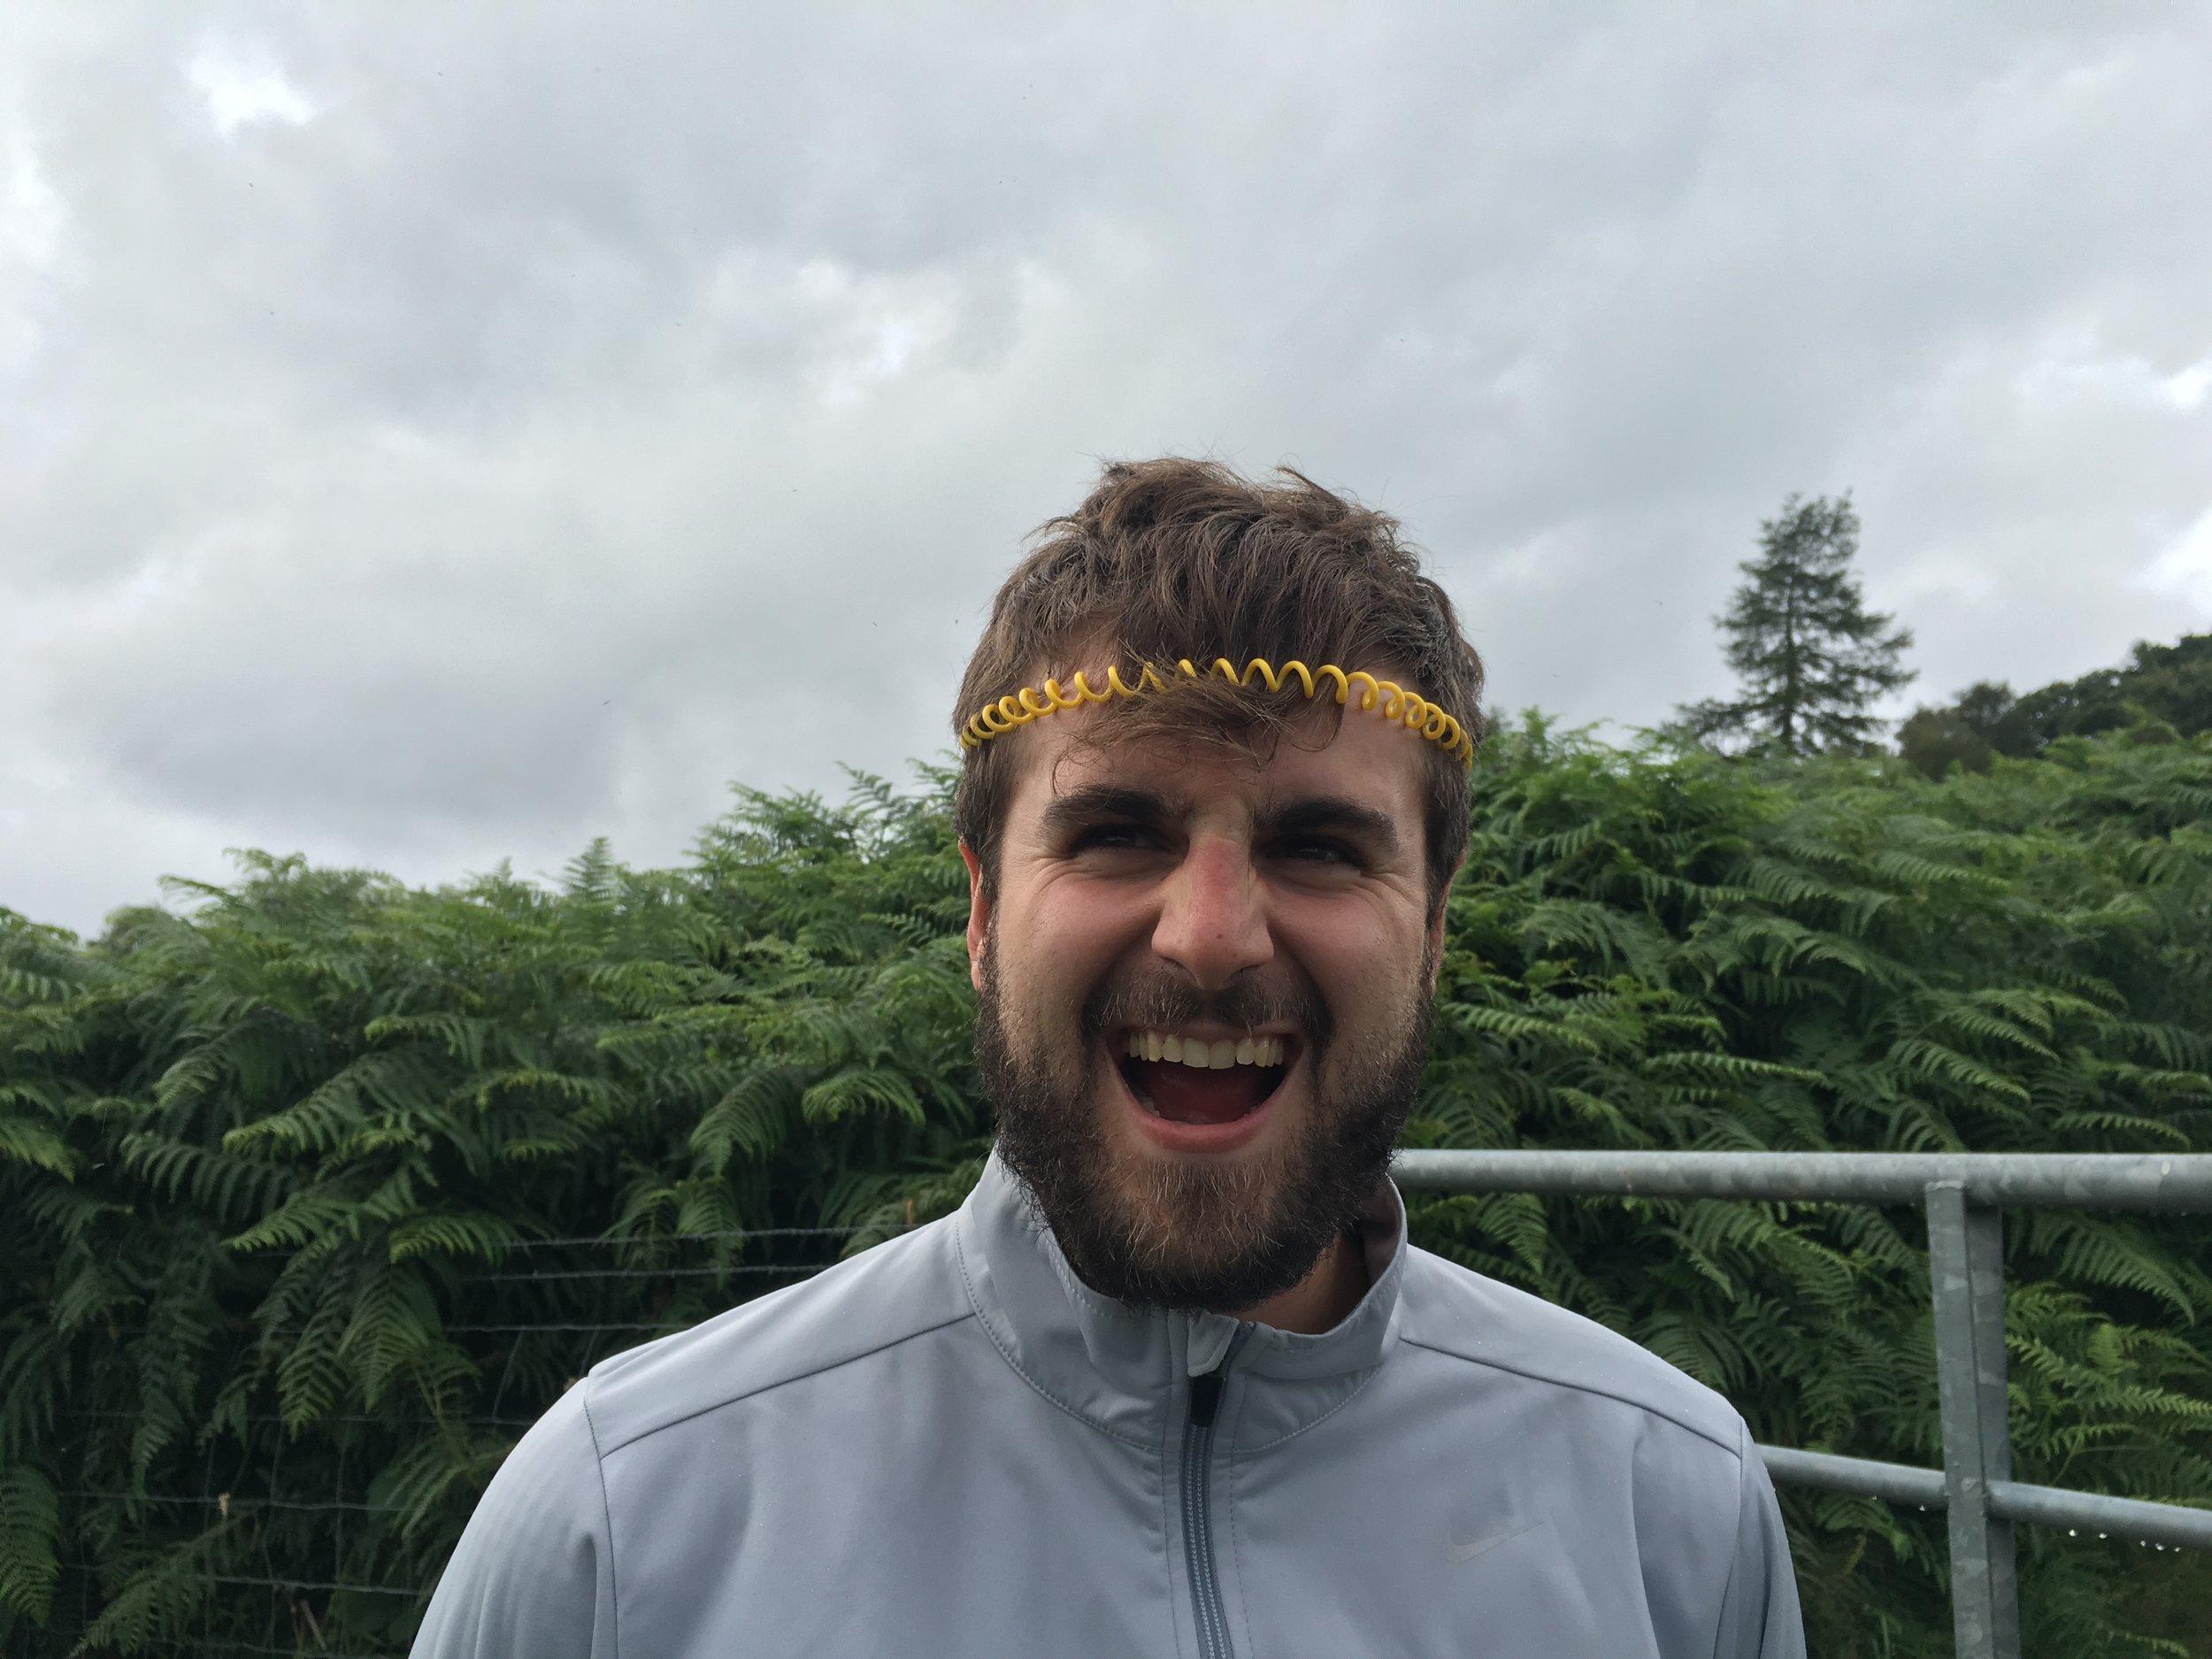 midge-band-on-head-fun